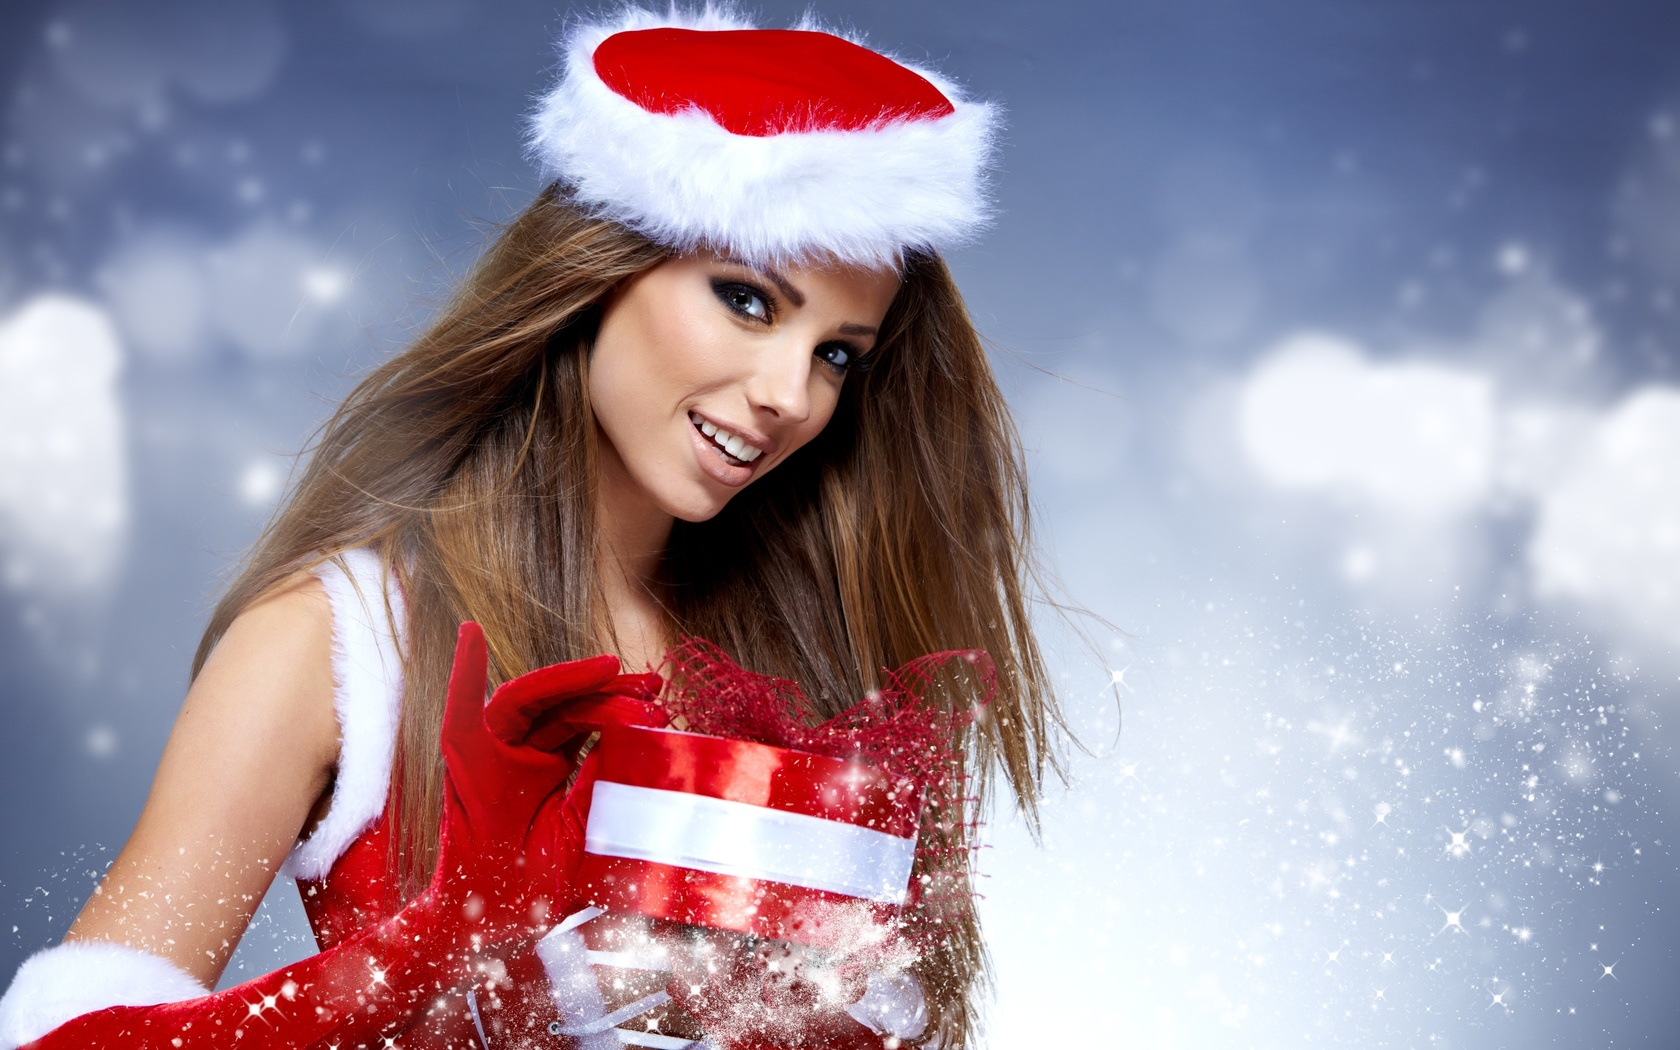 Рождественские картинки с девушками